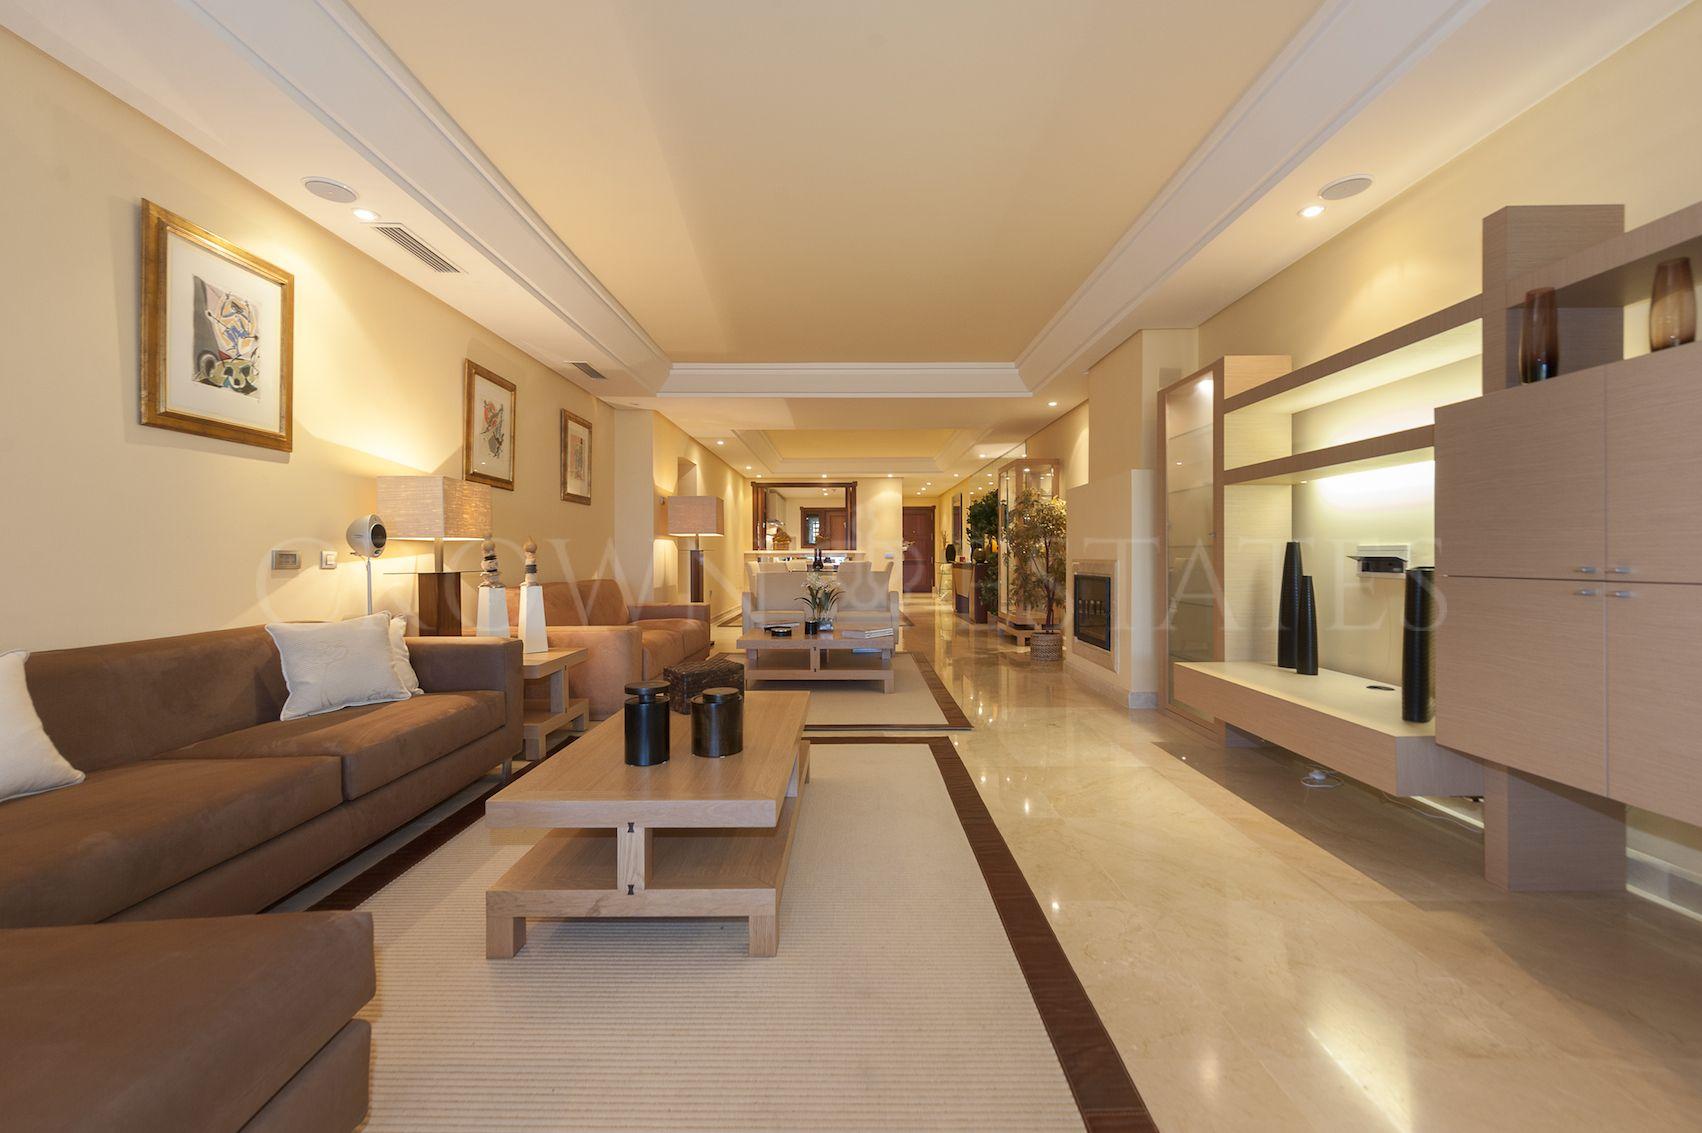 Apartment duplex de 3 dormitorios y 3 baños